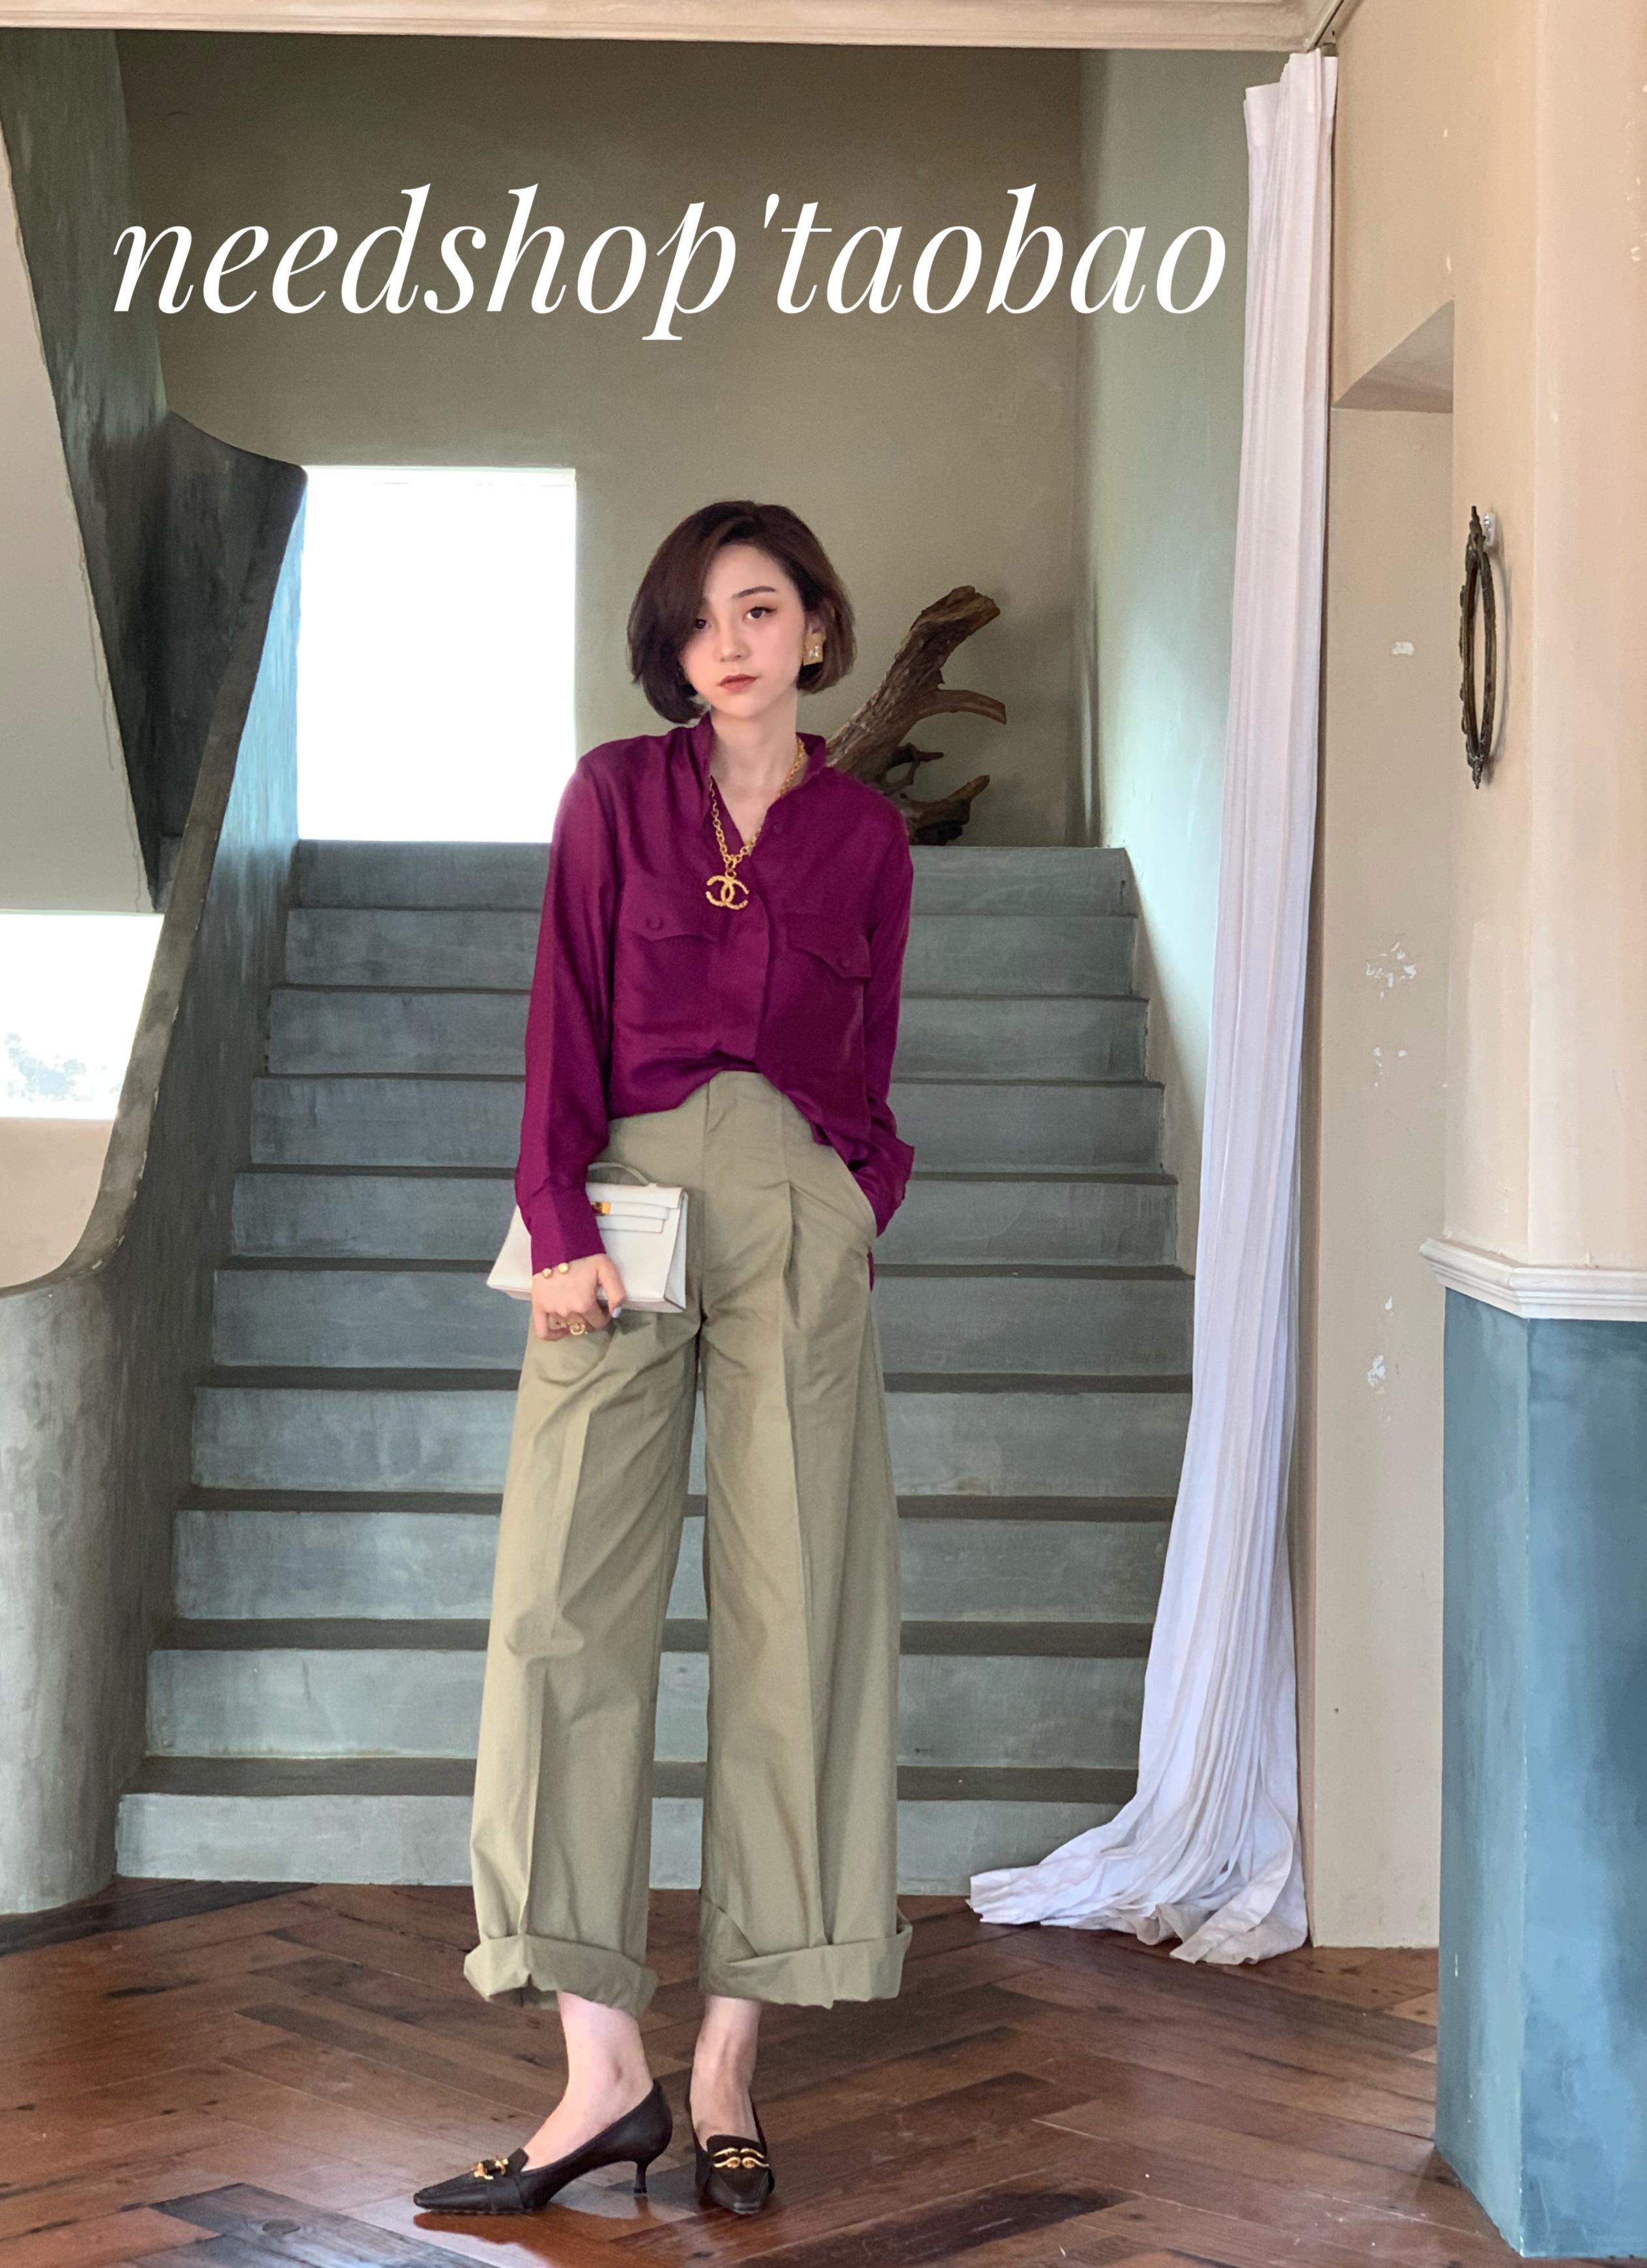 399.00元包邮NeeDshop12019秋季新款气质慵懒风紫色真丝立领宽松衬衫上衣女